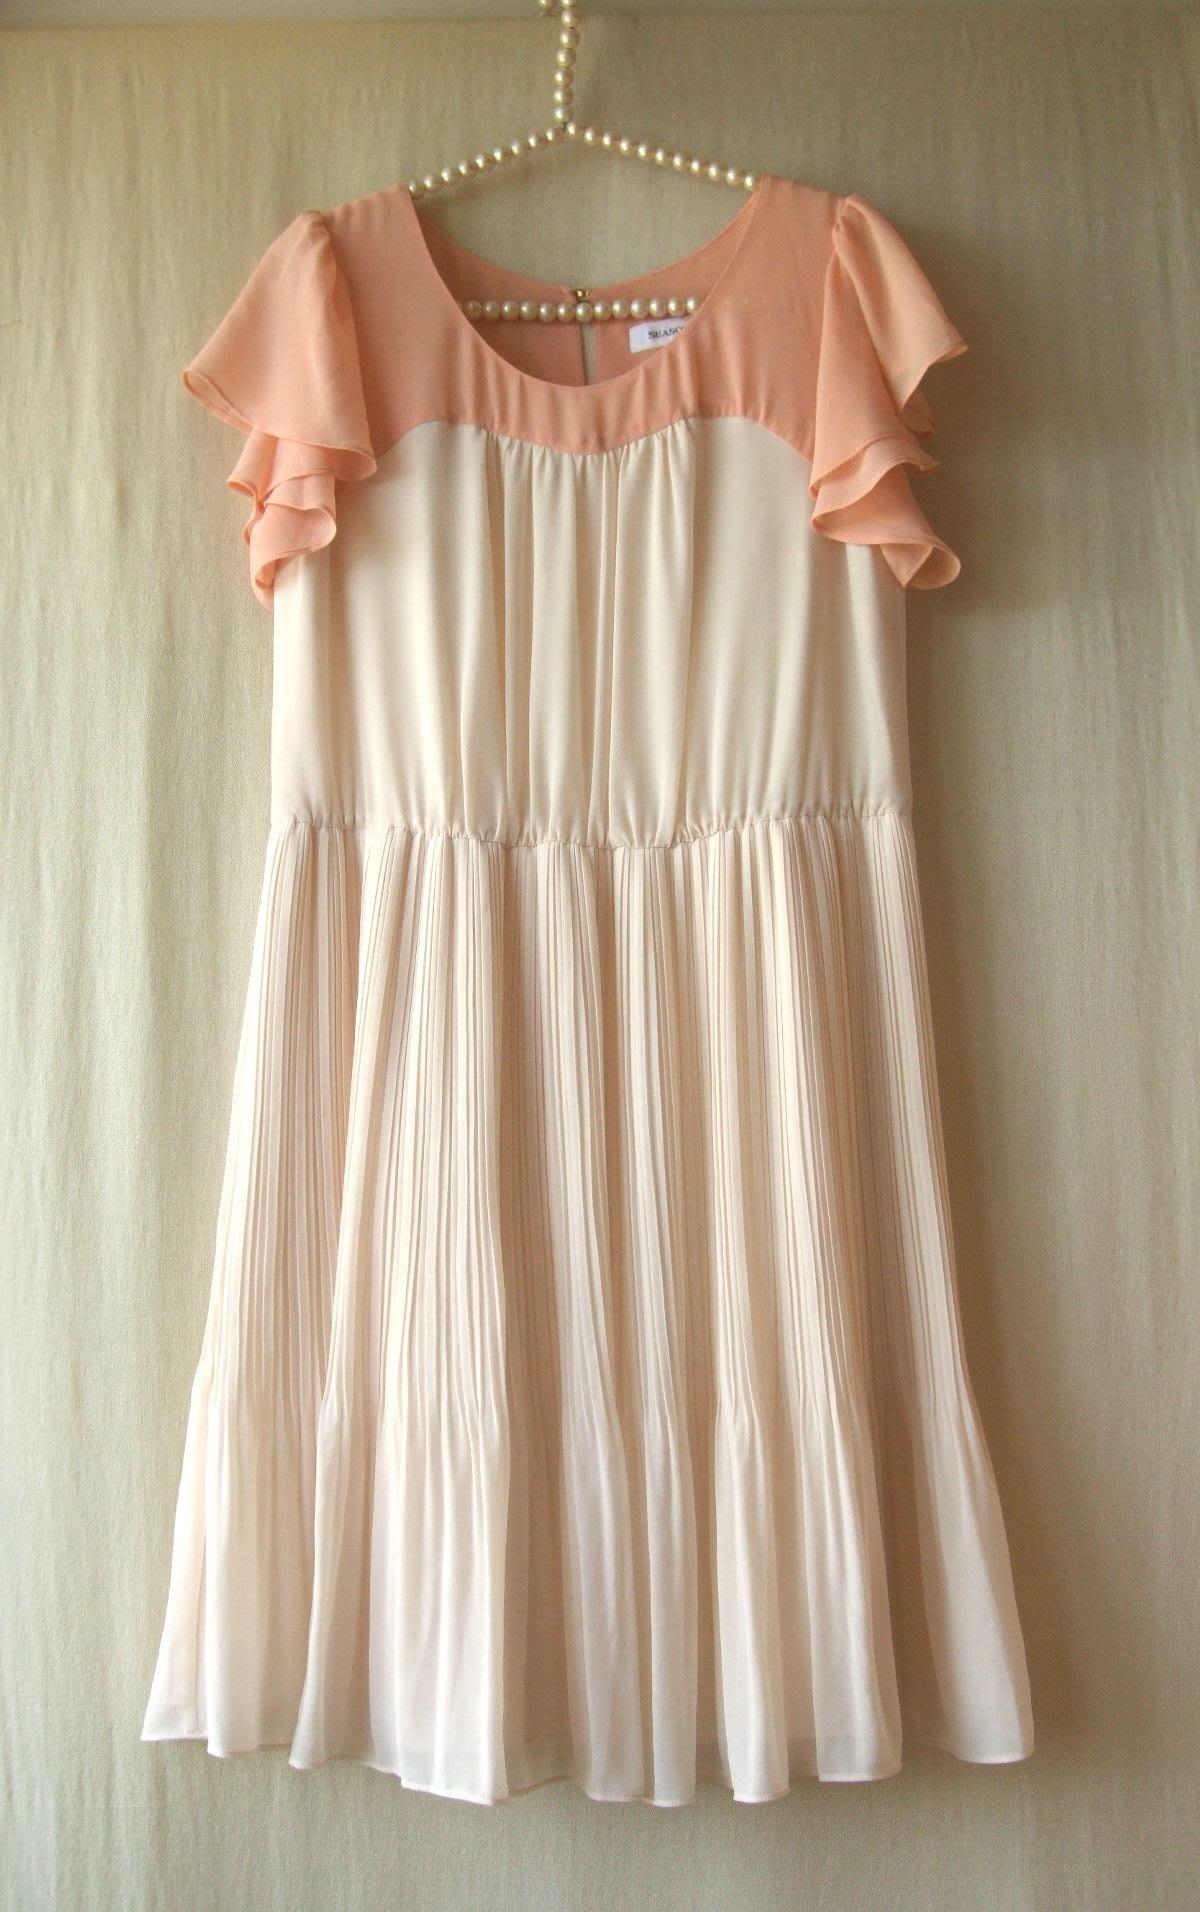 飄舞衣世界《韓款服飾 SEASON WIND 季候風》氣質典雅漂亮雪紡洋裝